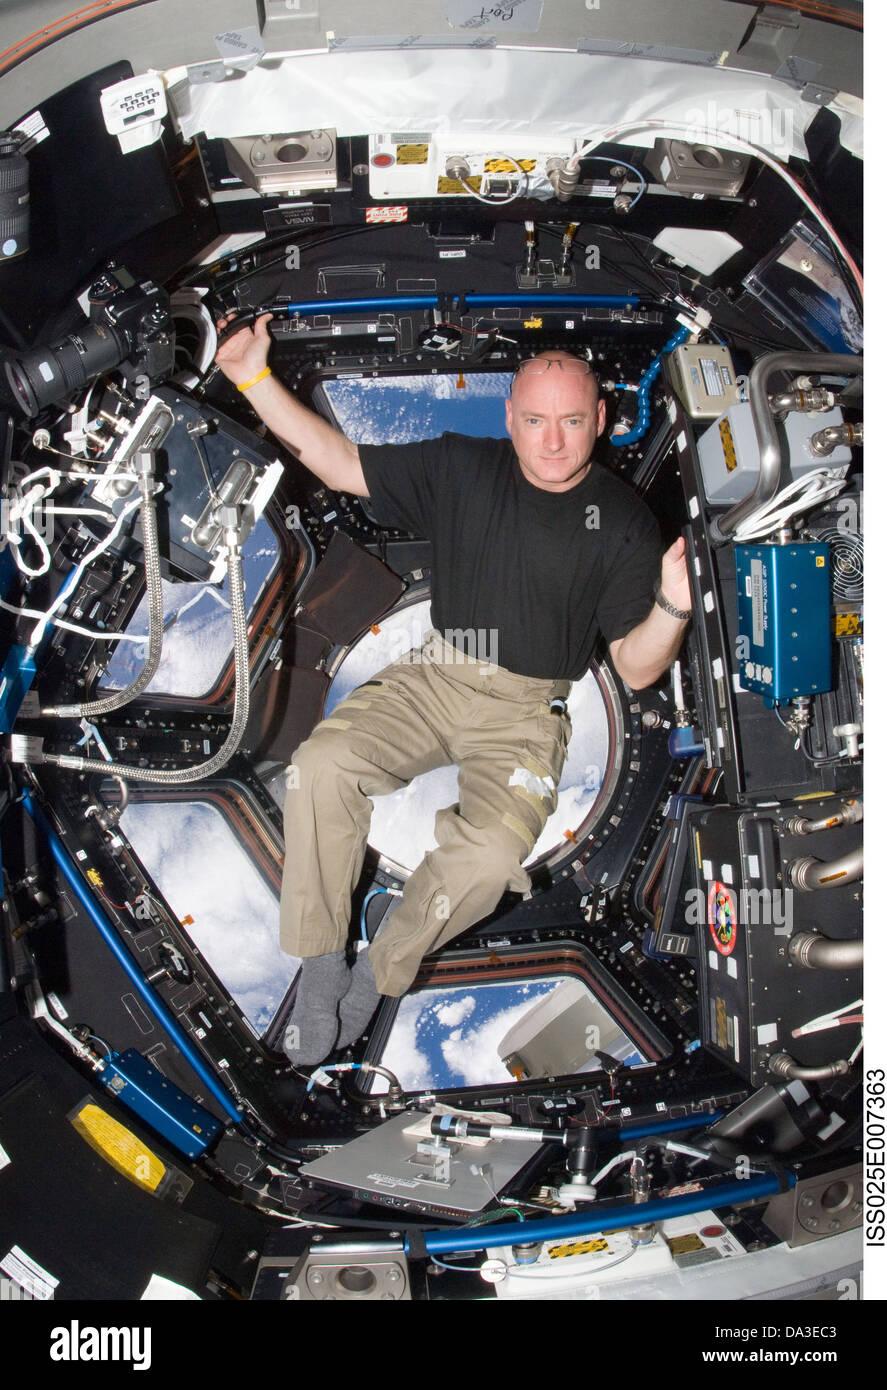 El espacio de la NASA, astronauta de la Estación Espacial Internacional el Comandante Scott Kelly, ingeniero de vuelo de la expedición 25 en la cúpula Foto de stock